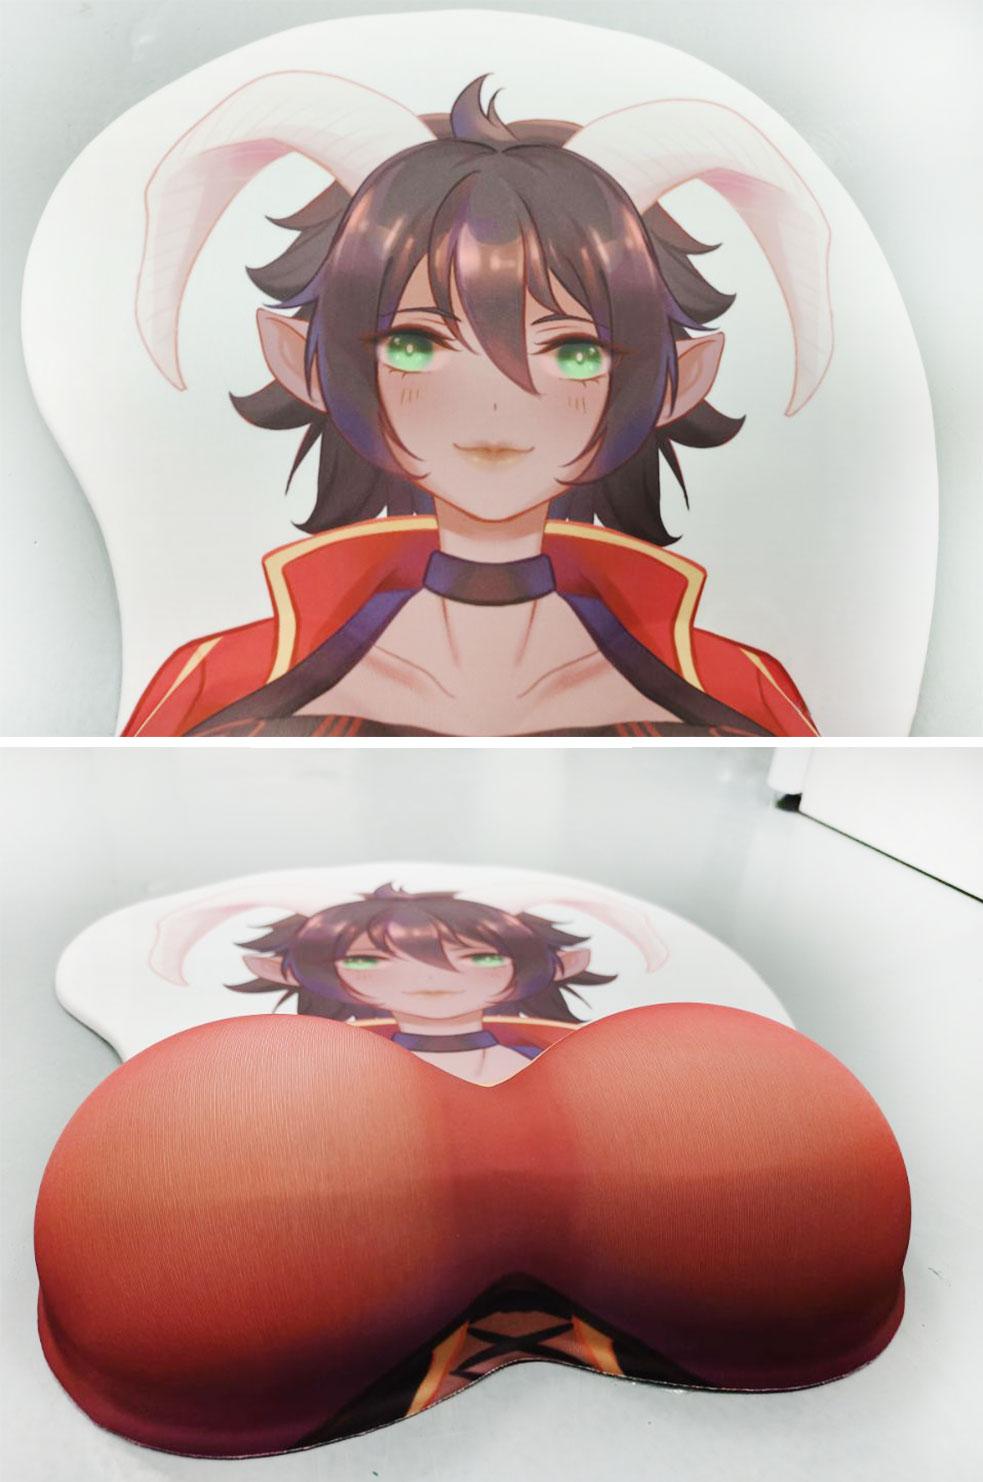 mona life size oppai mousepad 6613 - Anime Mousepads